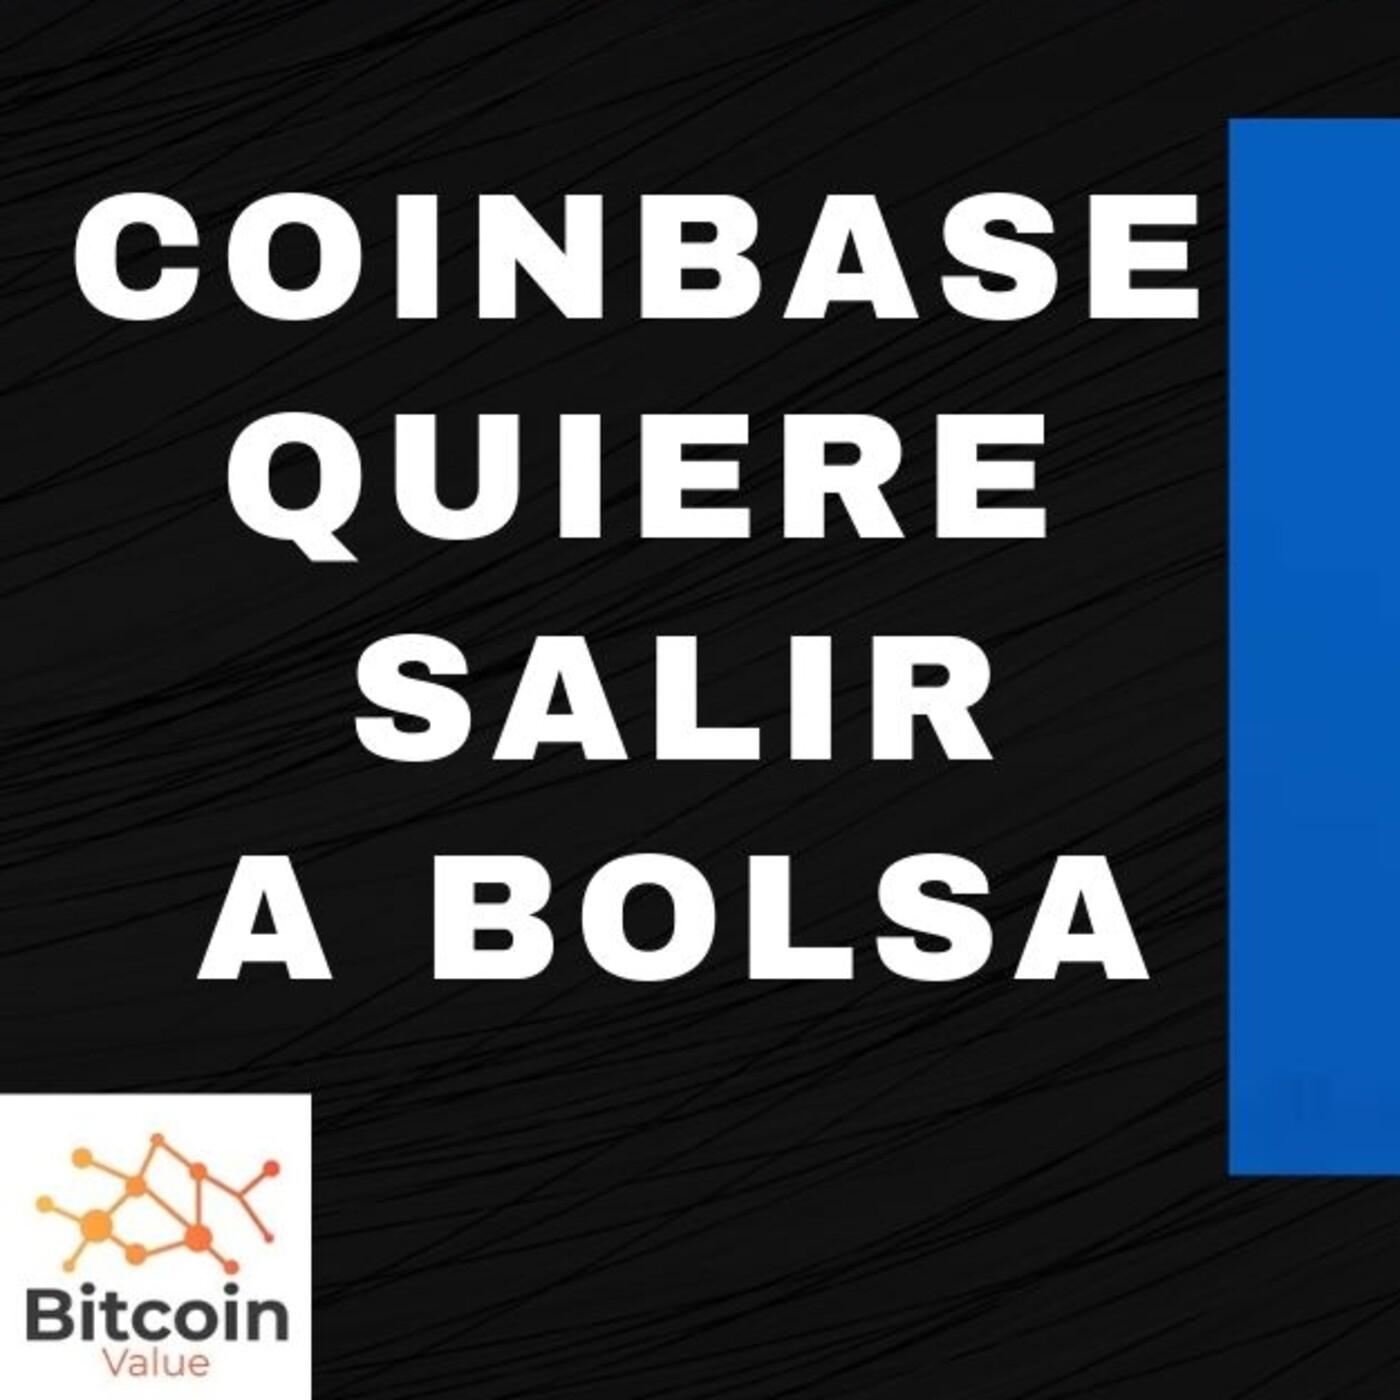 Coinbase quiere salir a bolsa - bitcoin análisis y principales noticias Julio 2020